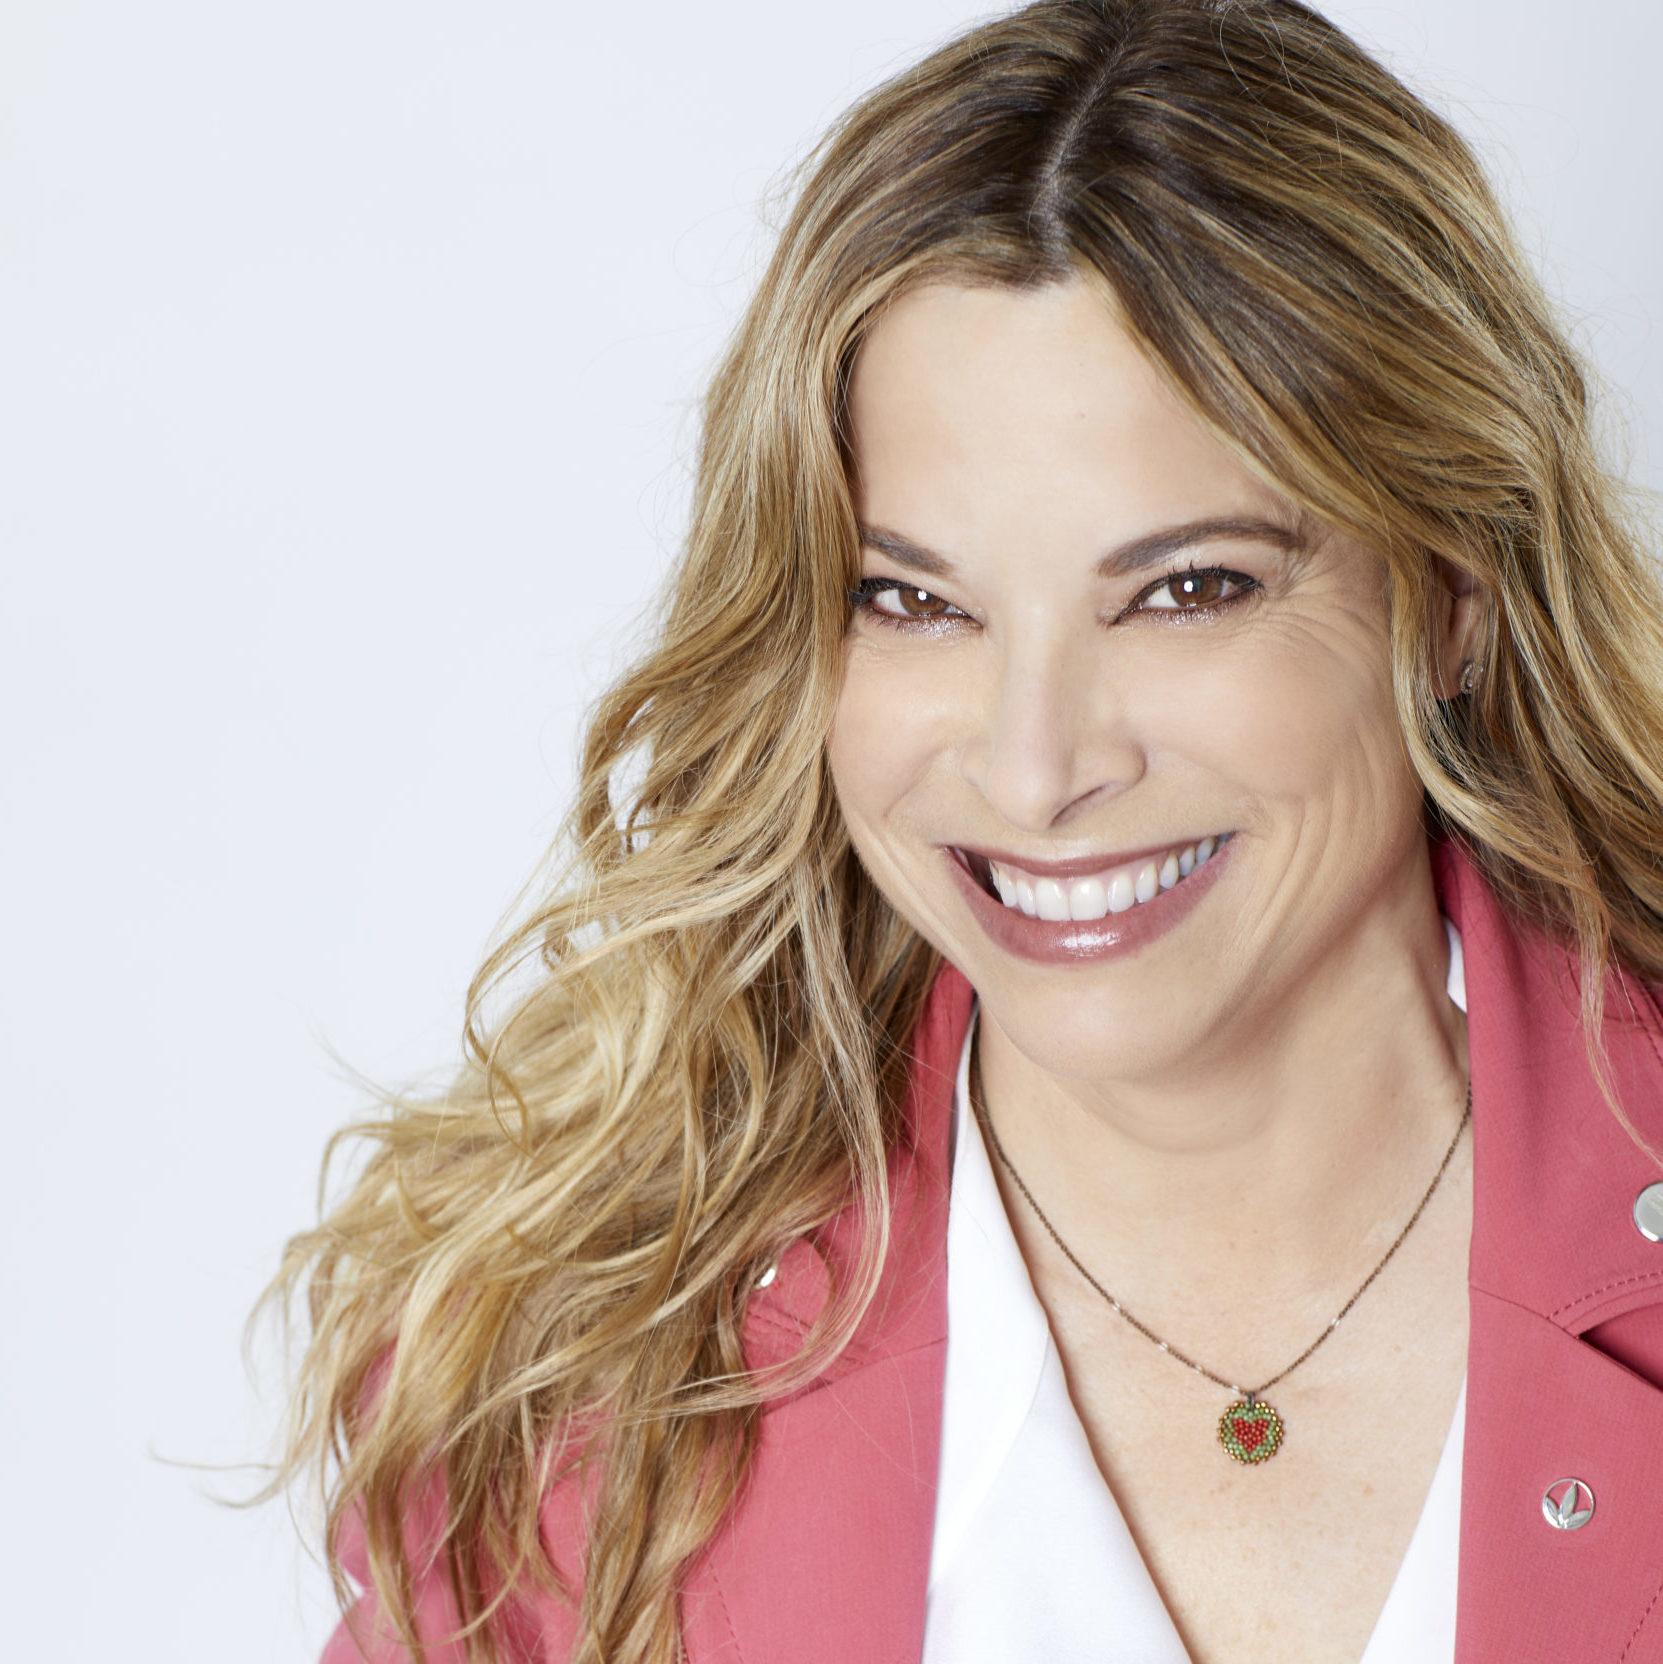 Ibi Montesino